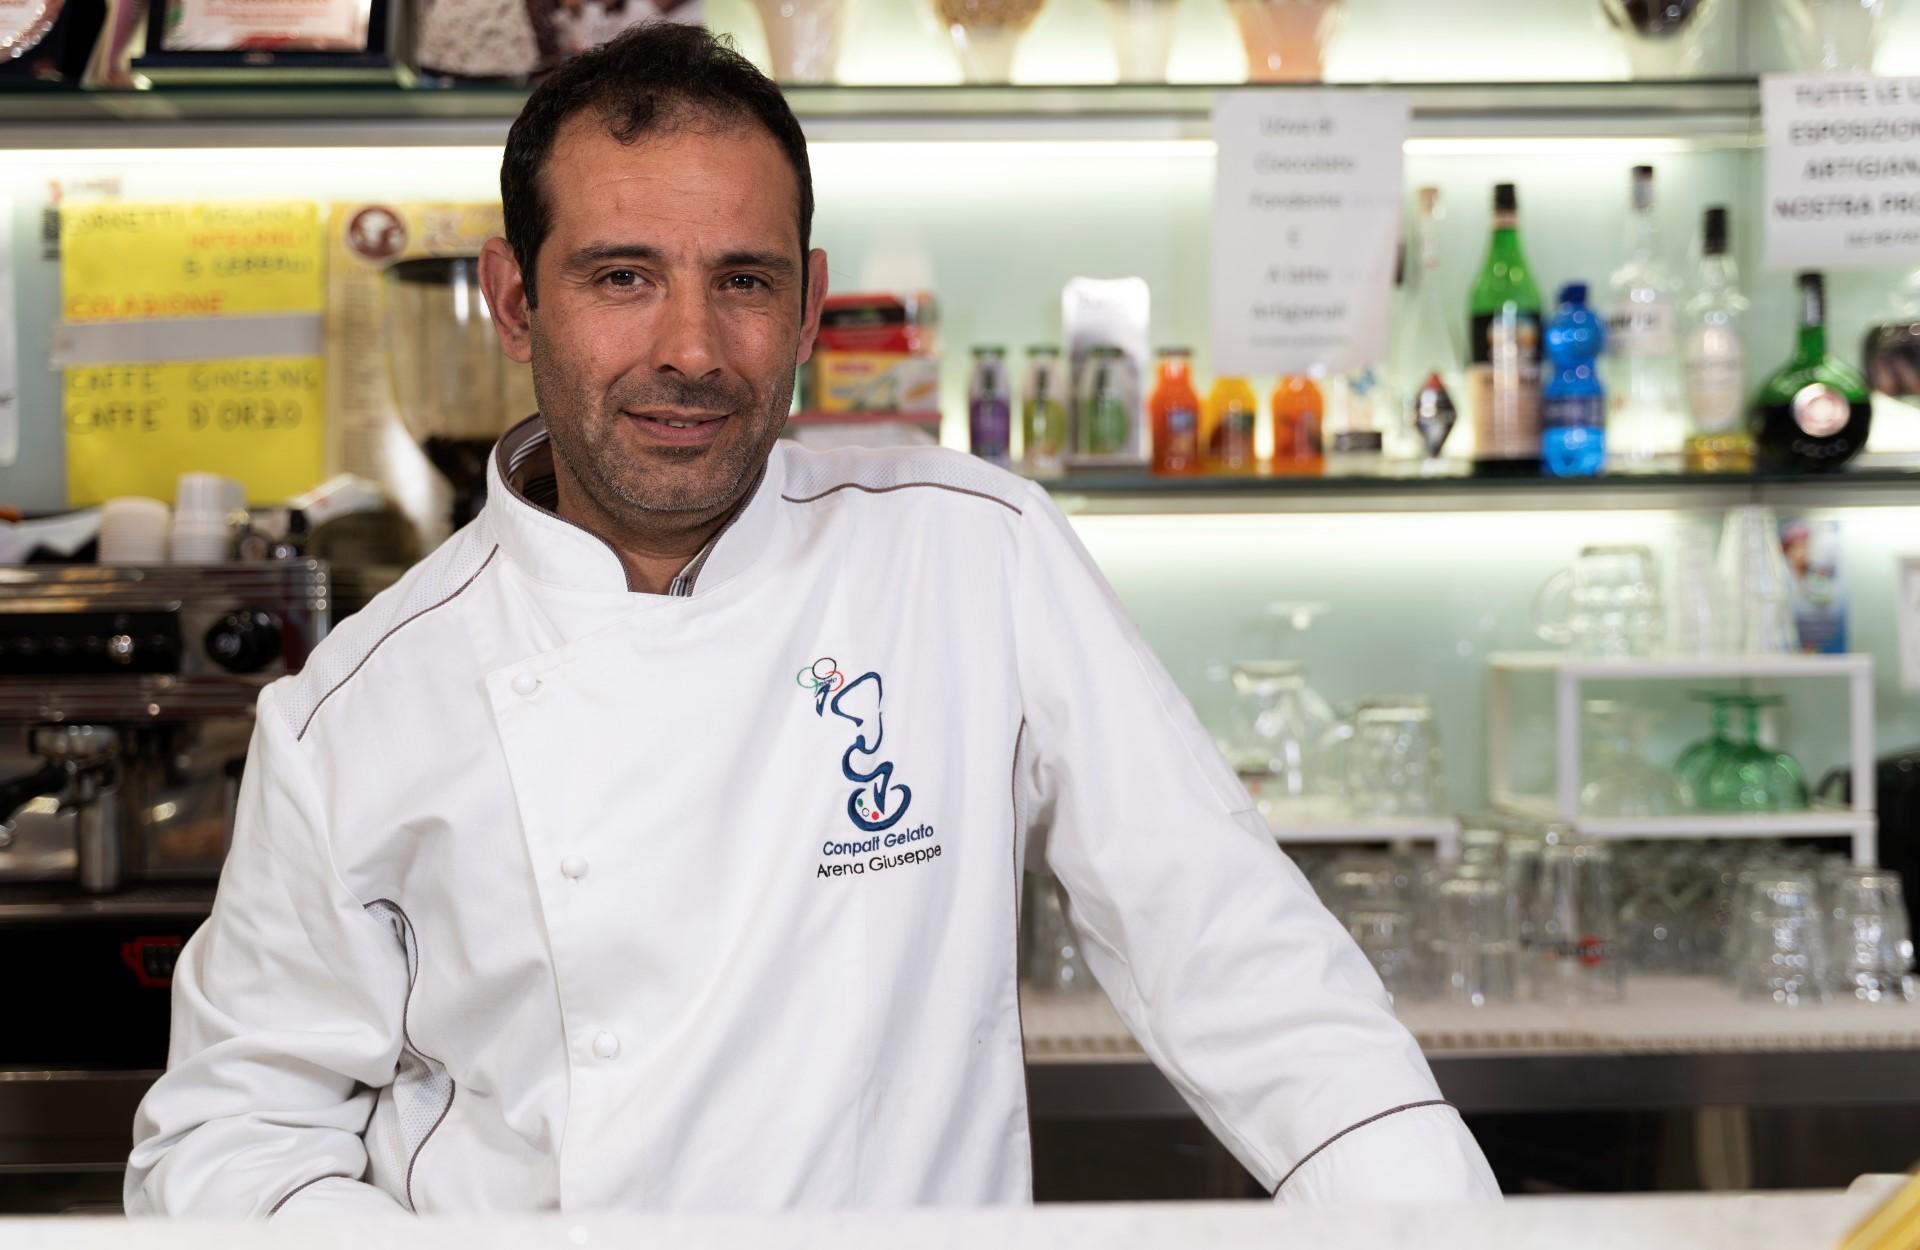 Il gelatiere messinese Arena finalista a Mandorla d'Autore | Sicilia a Gustare